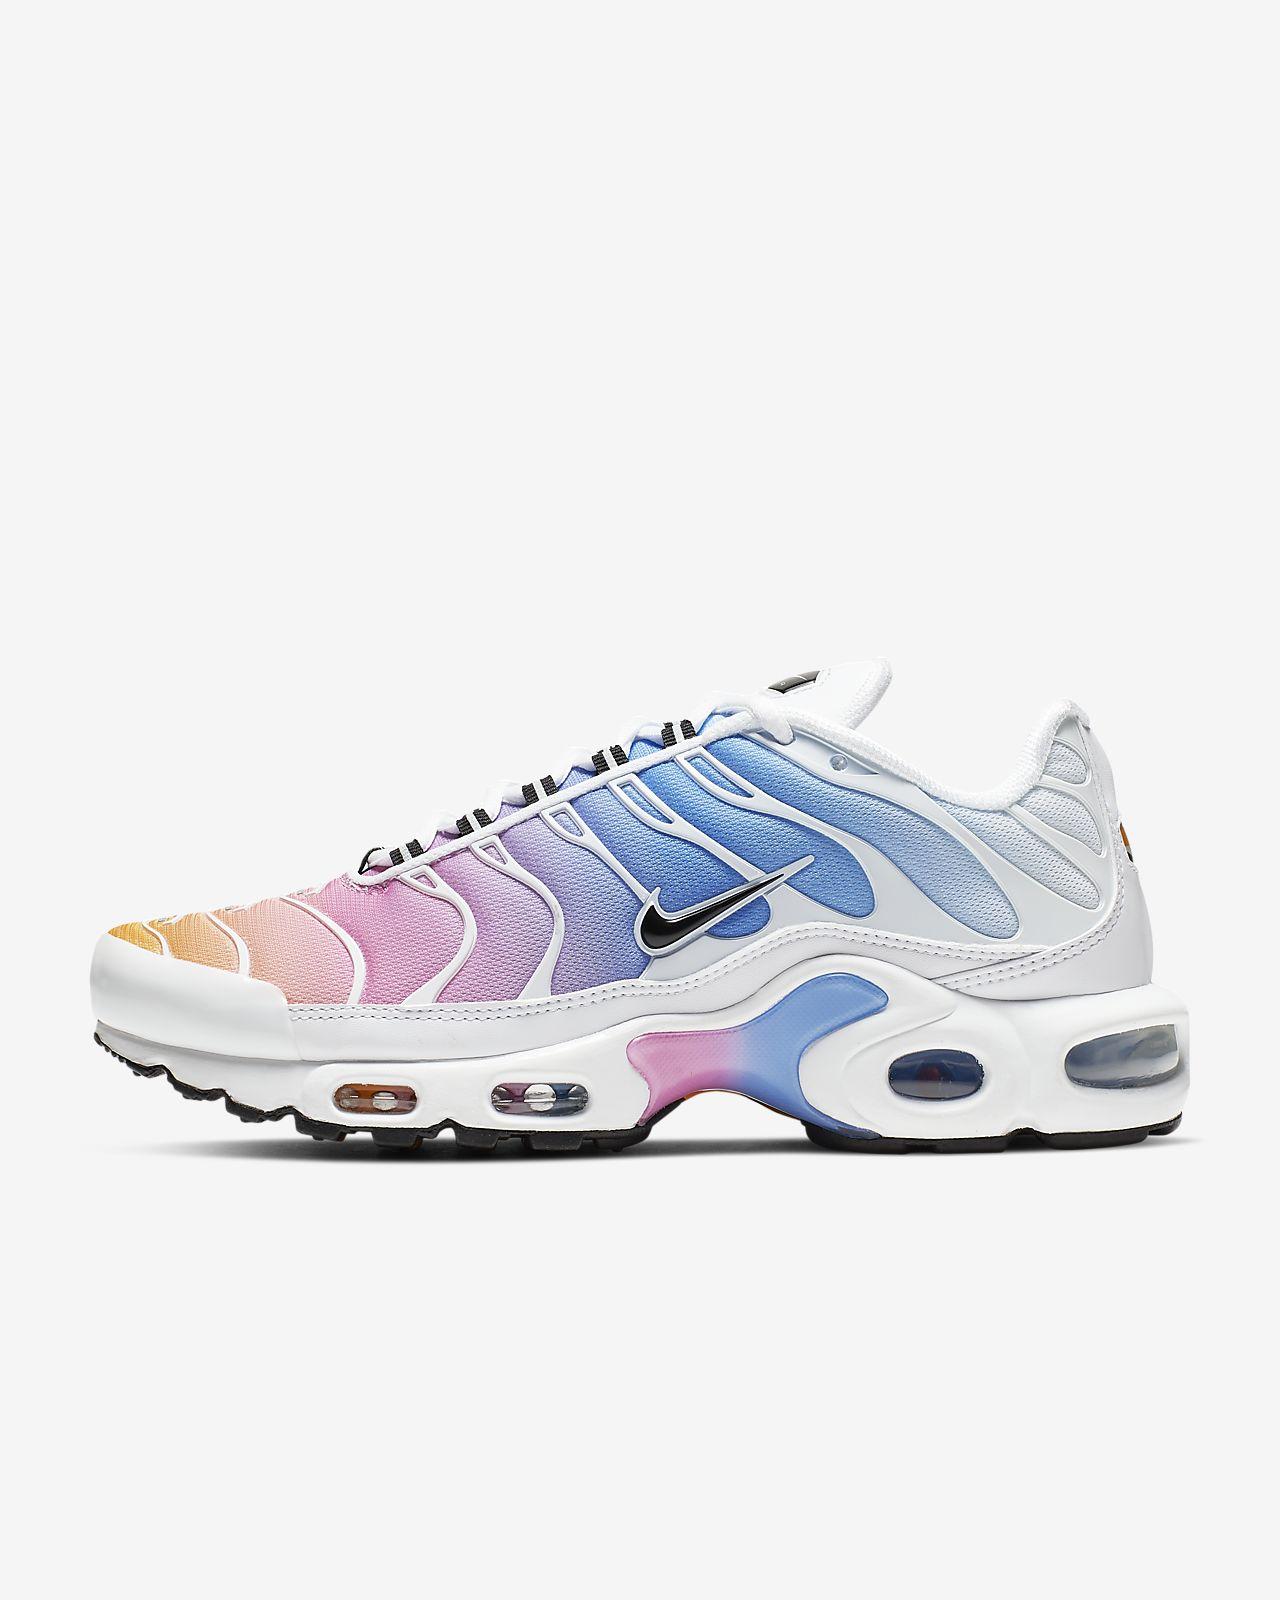 Sko Nike Air Max Plus Metallic för kvinnor